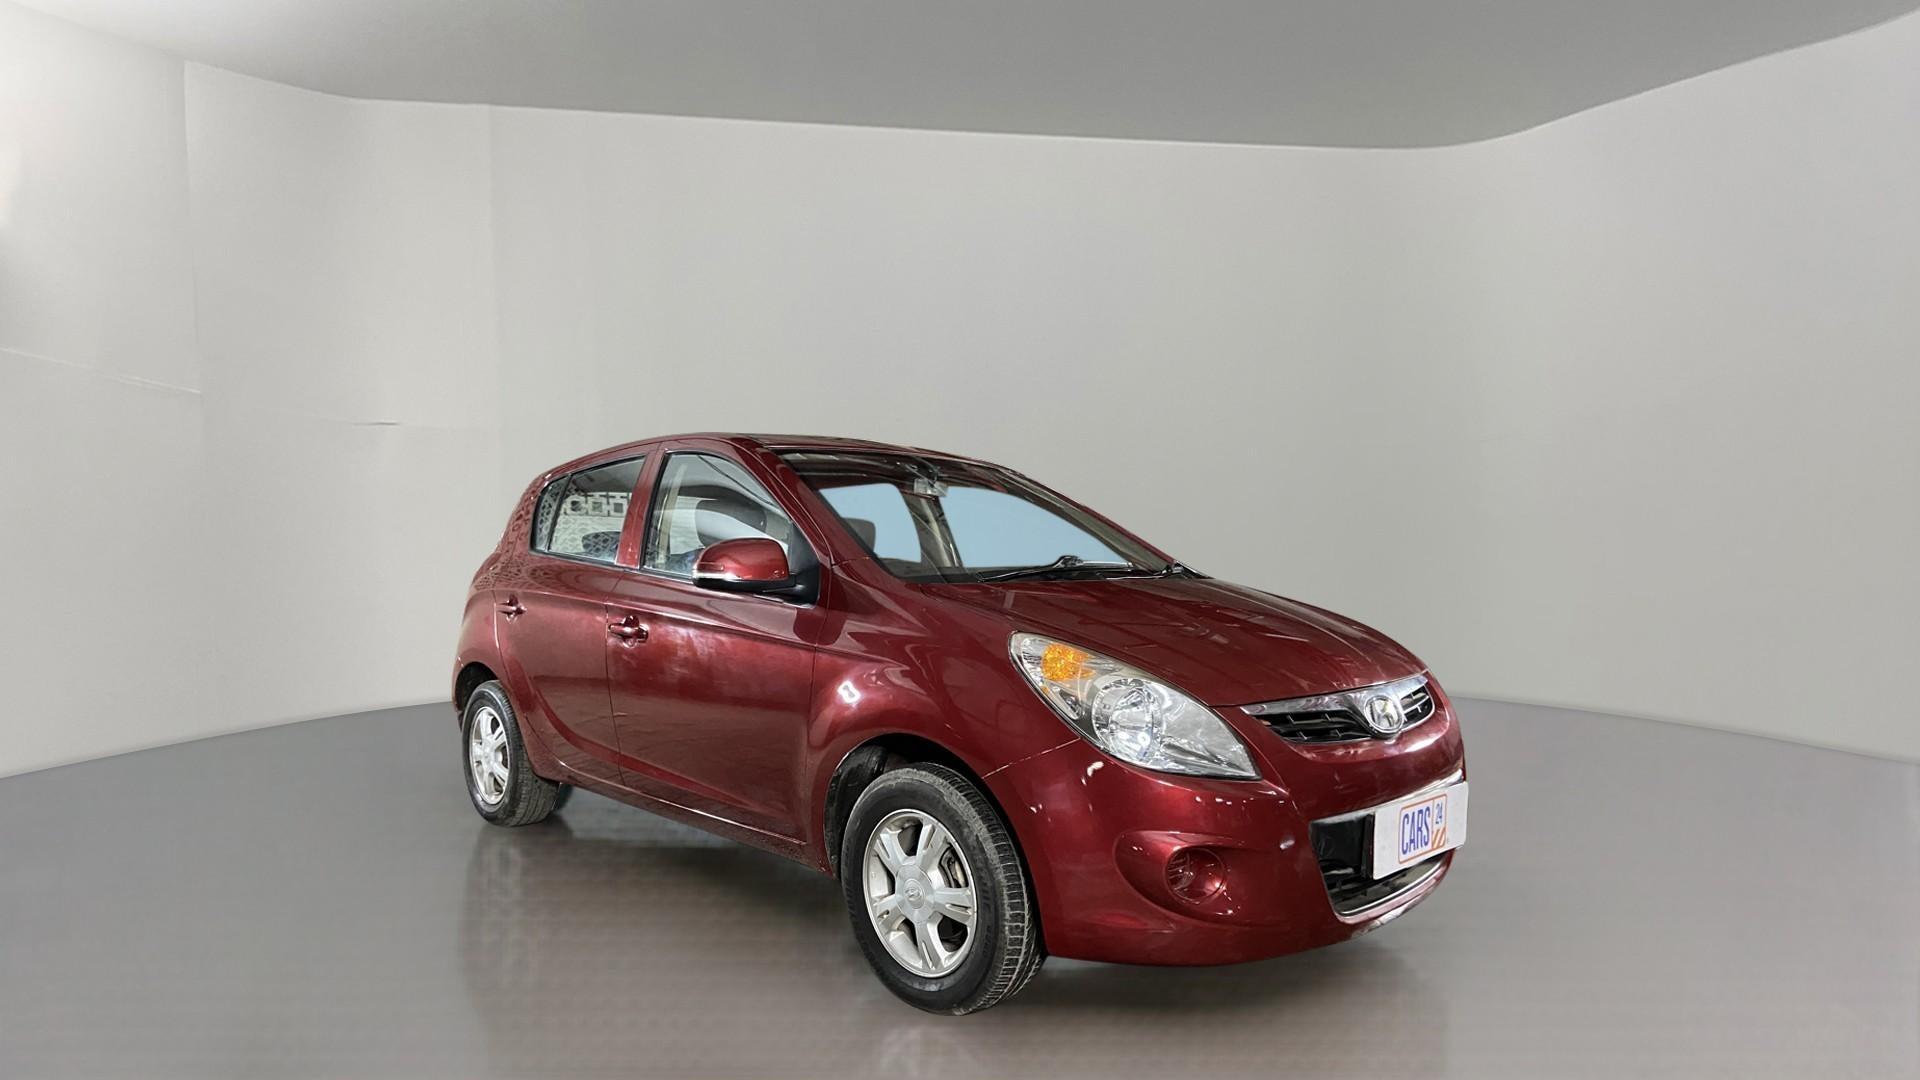 2011 Hyundai i20 SPORTZ 1.2 O